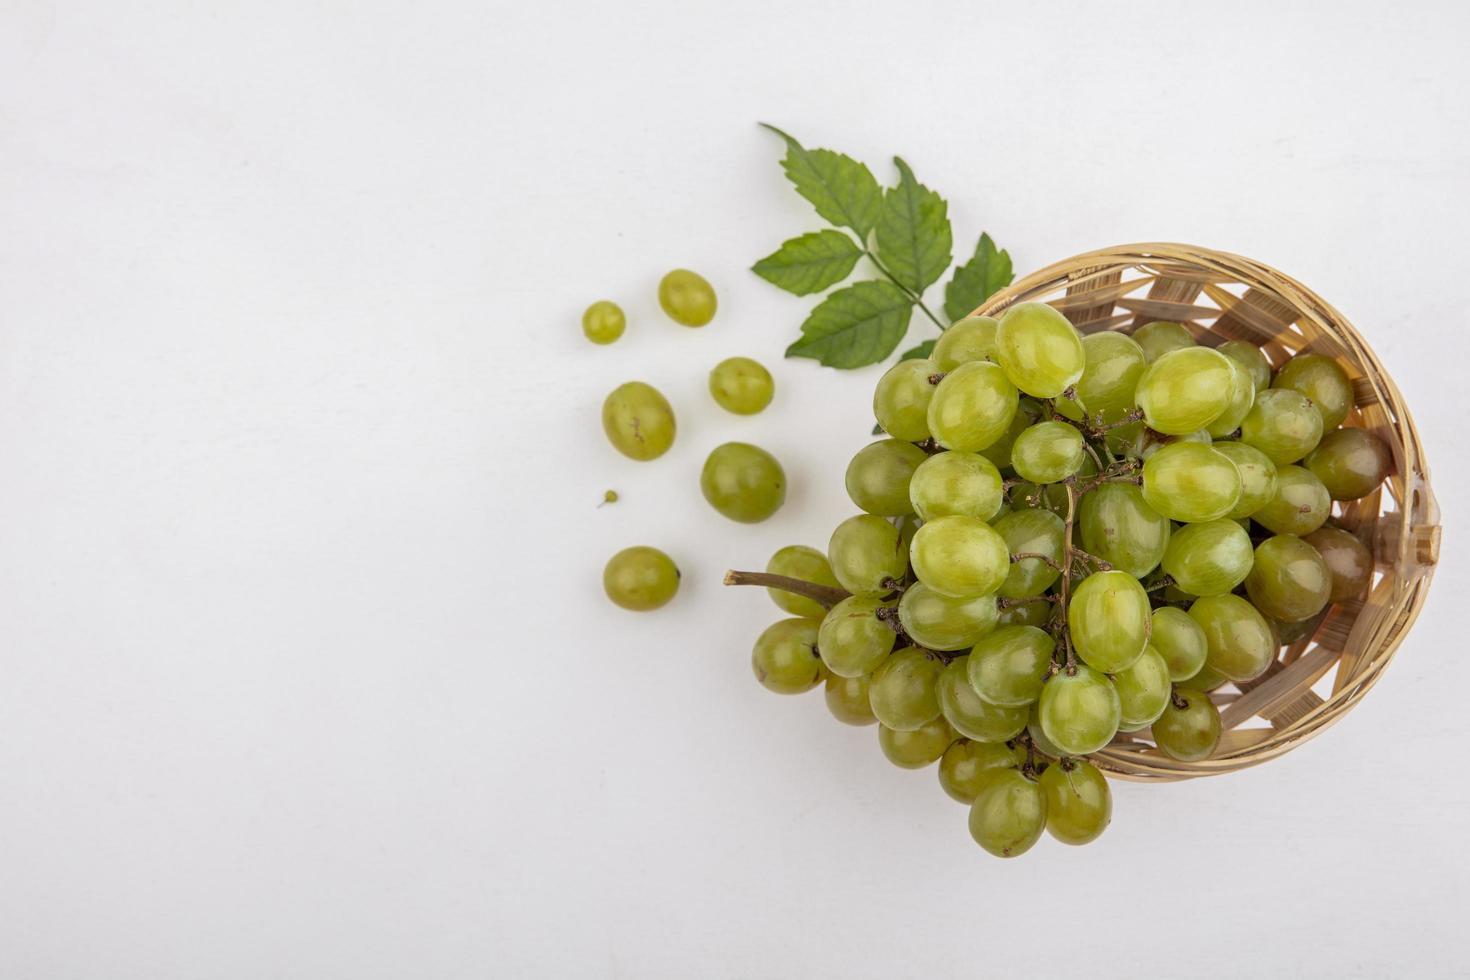 druiven op grijze achtergrond met kopie ruimte foto